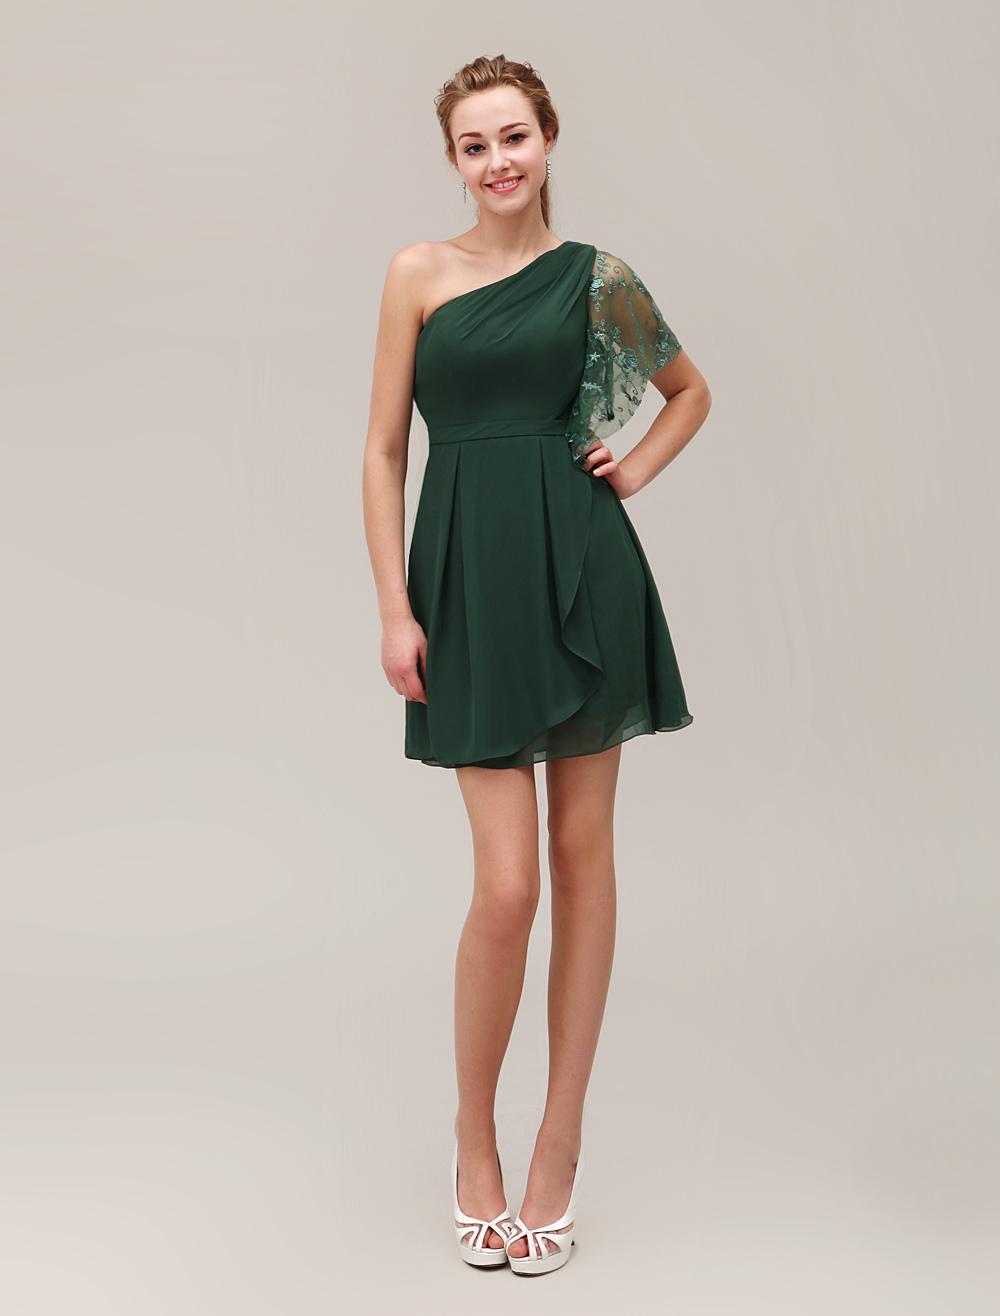 2b181555ce53 ... One-spalla pieghe moda Backless abito corto per la madre della sposa  Abiti per Ospiti. 12. -30%. colore Verde Militare